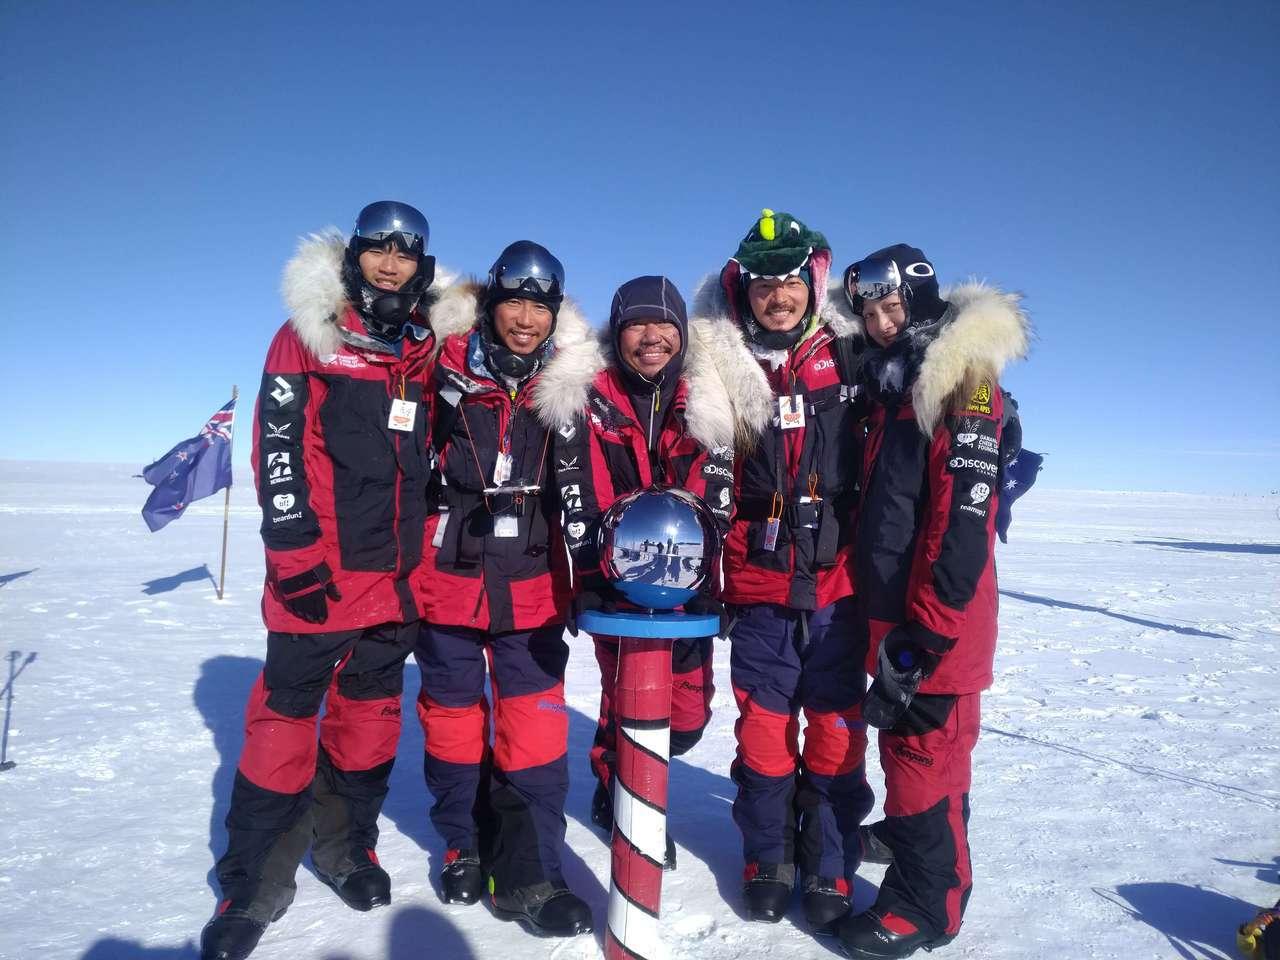 台灣首支南極長征隊成功完成挑戰。圖/橘子關懷基金會提供